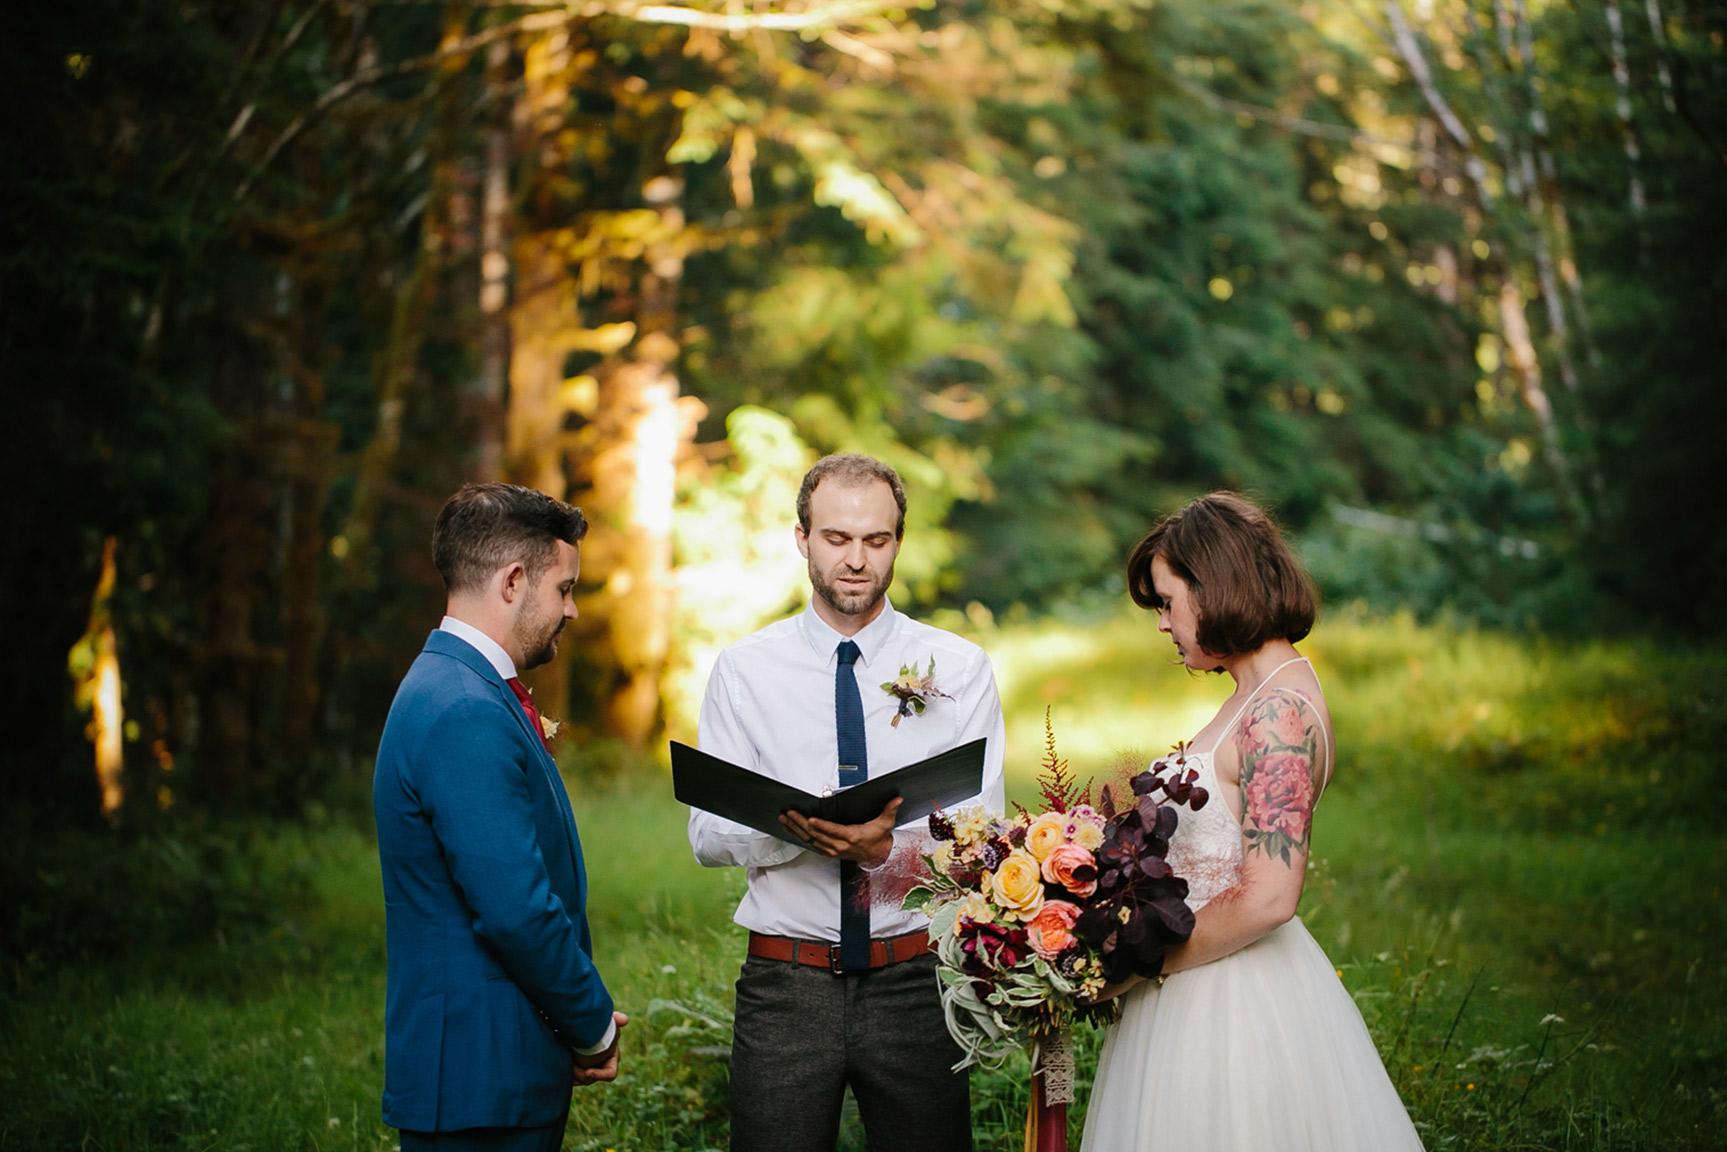 Washington_WeddingPhotographer_032.jpg